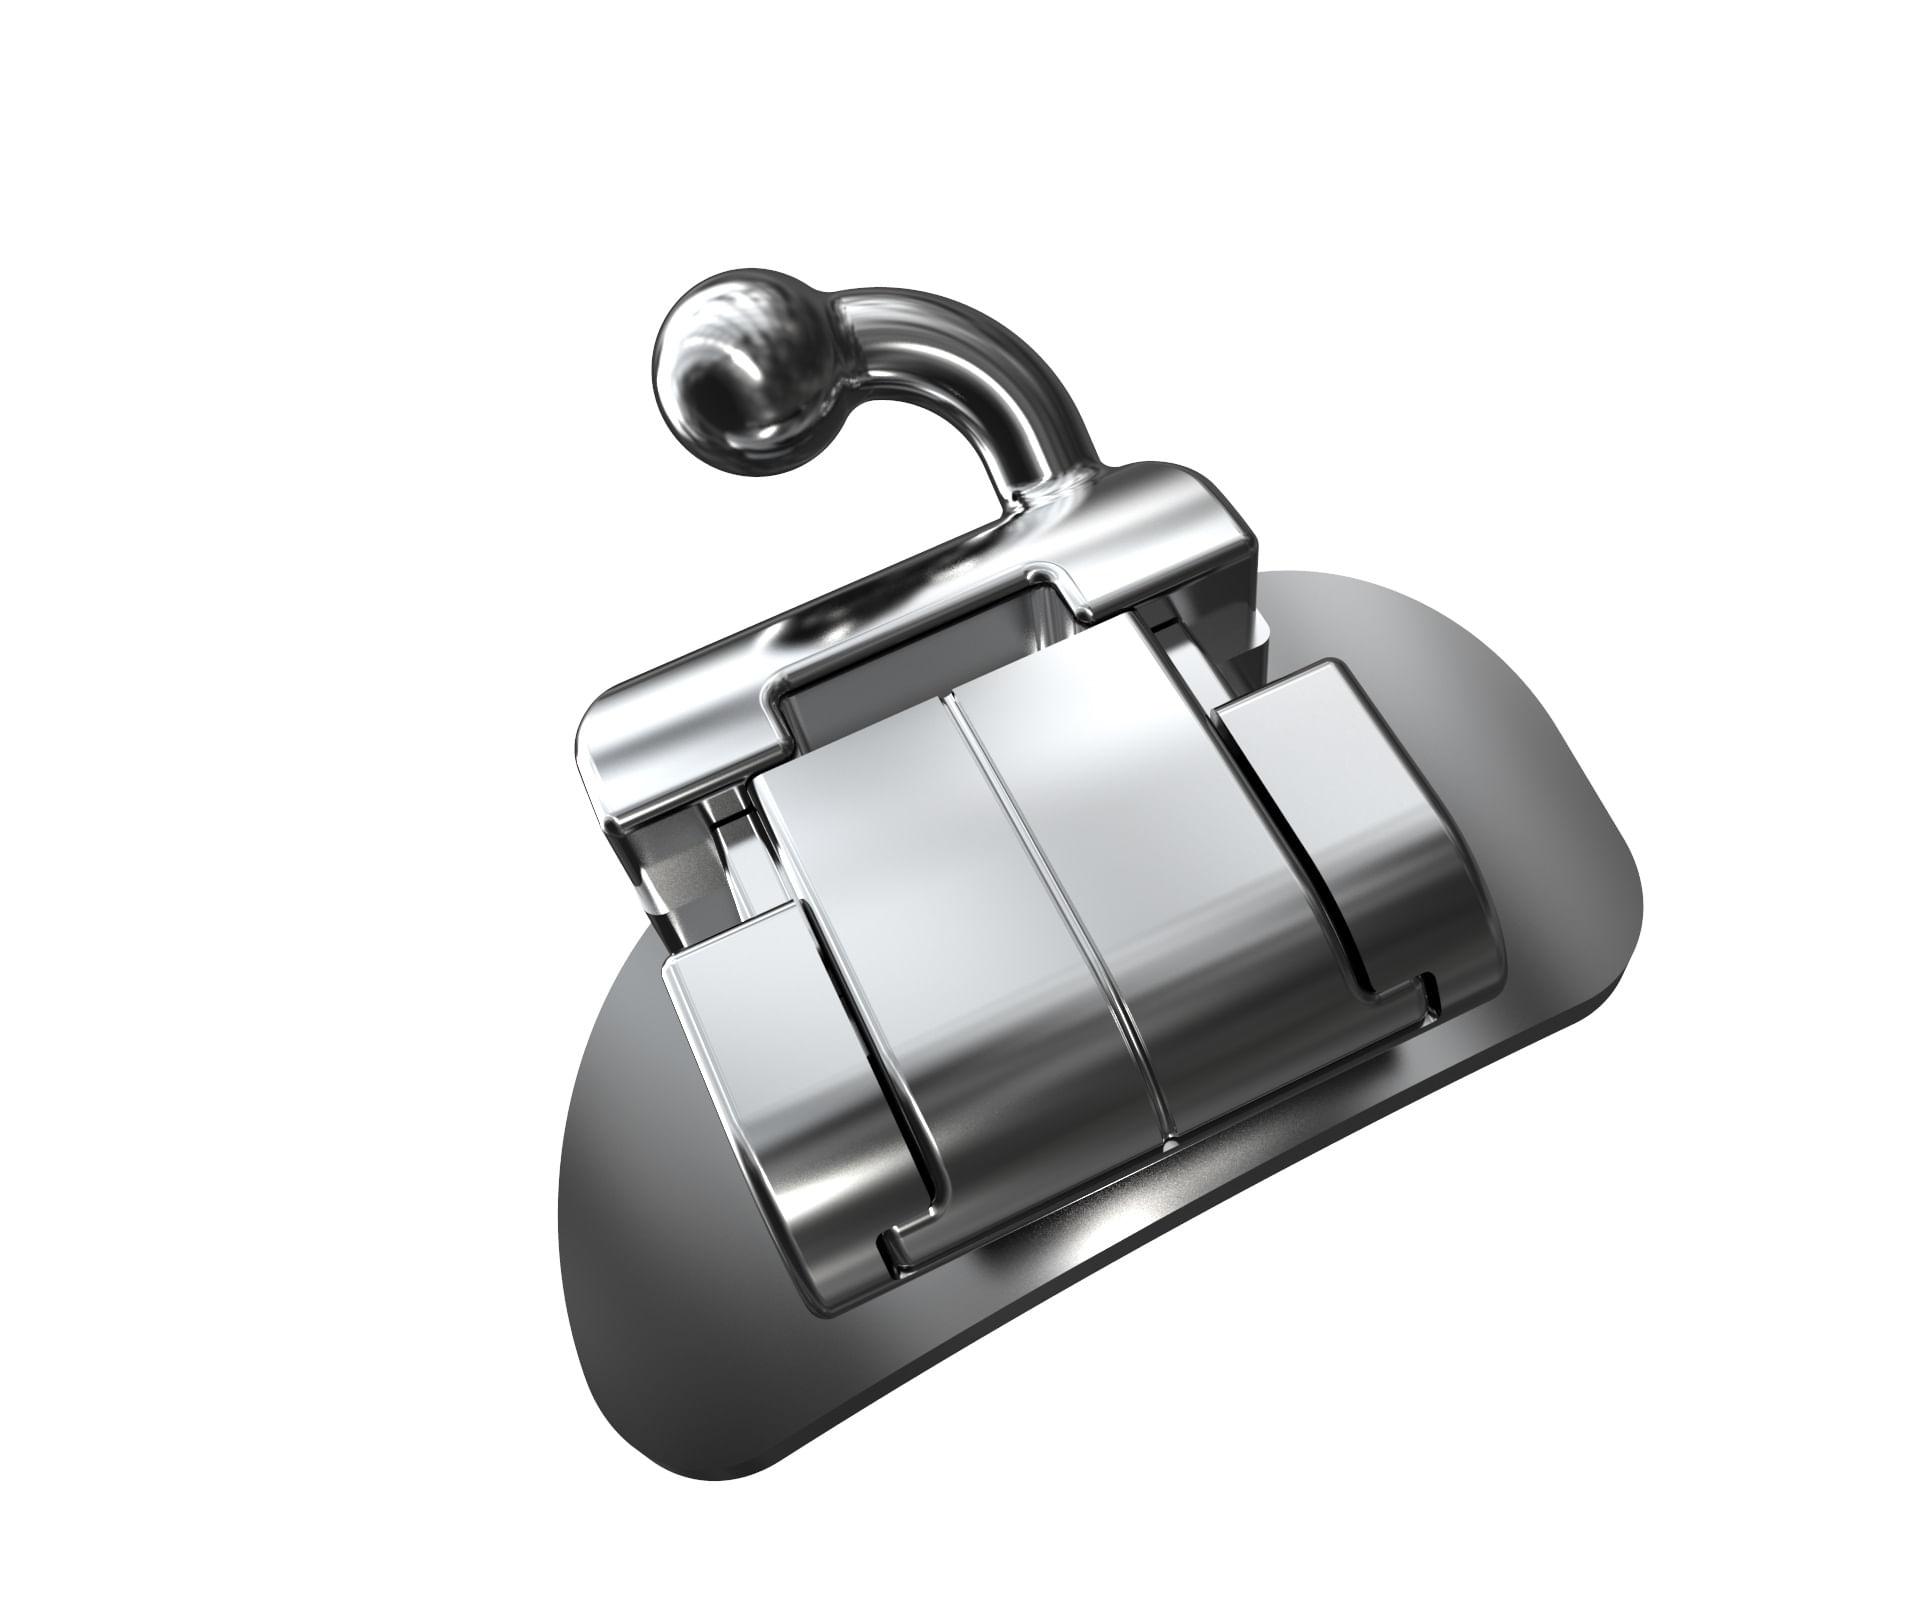 TUBO-ORTODONTICO-PARA-COLAGEM-AUTOLIGADO---PRESCRICAO-MBT-.022----DENTE-26---INFINITY